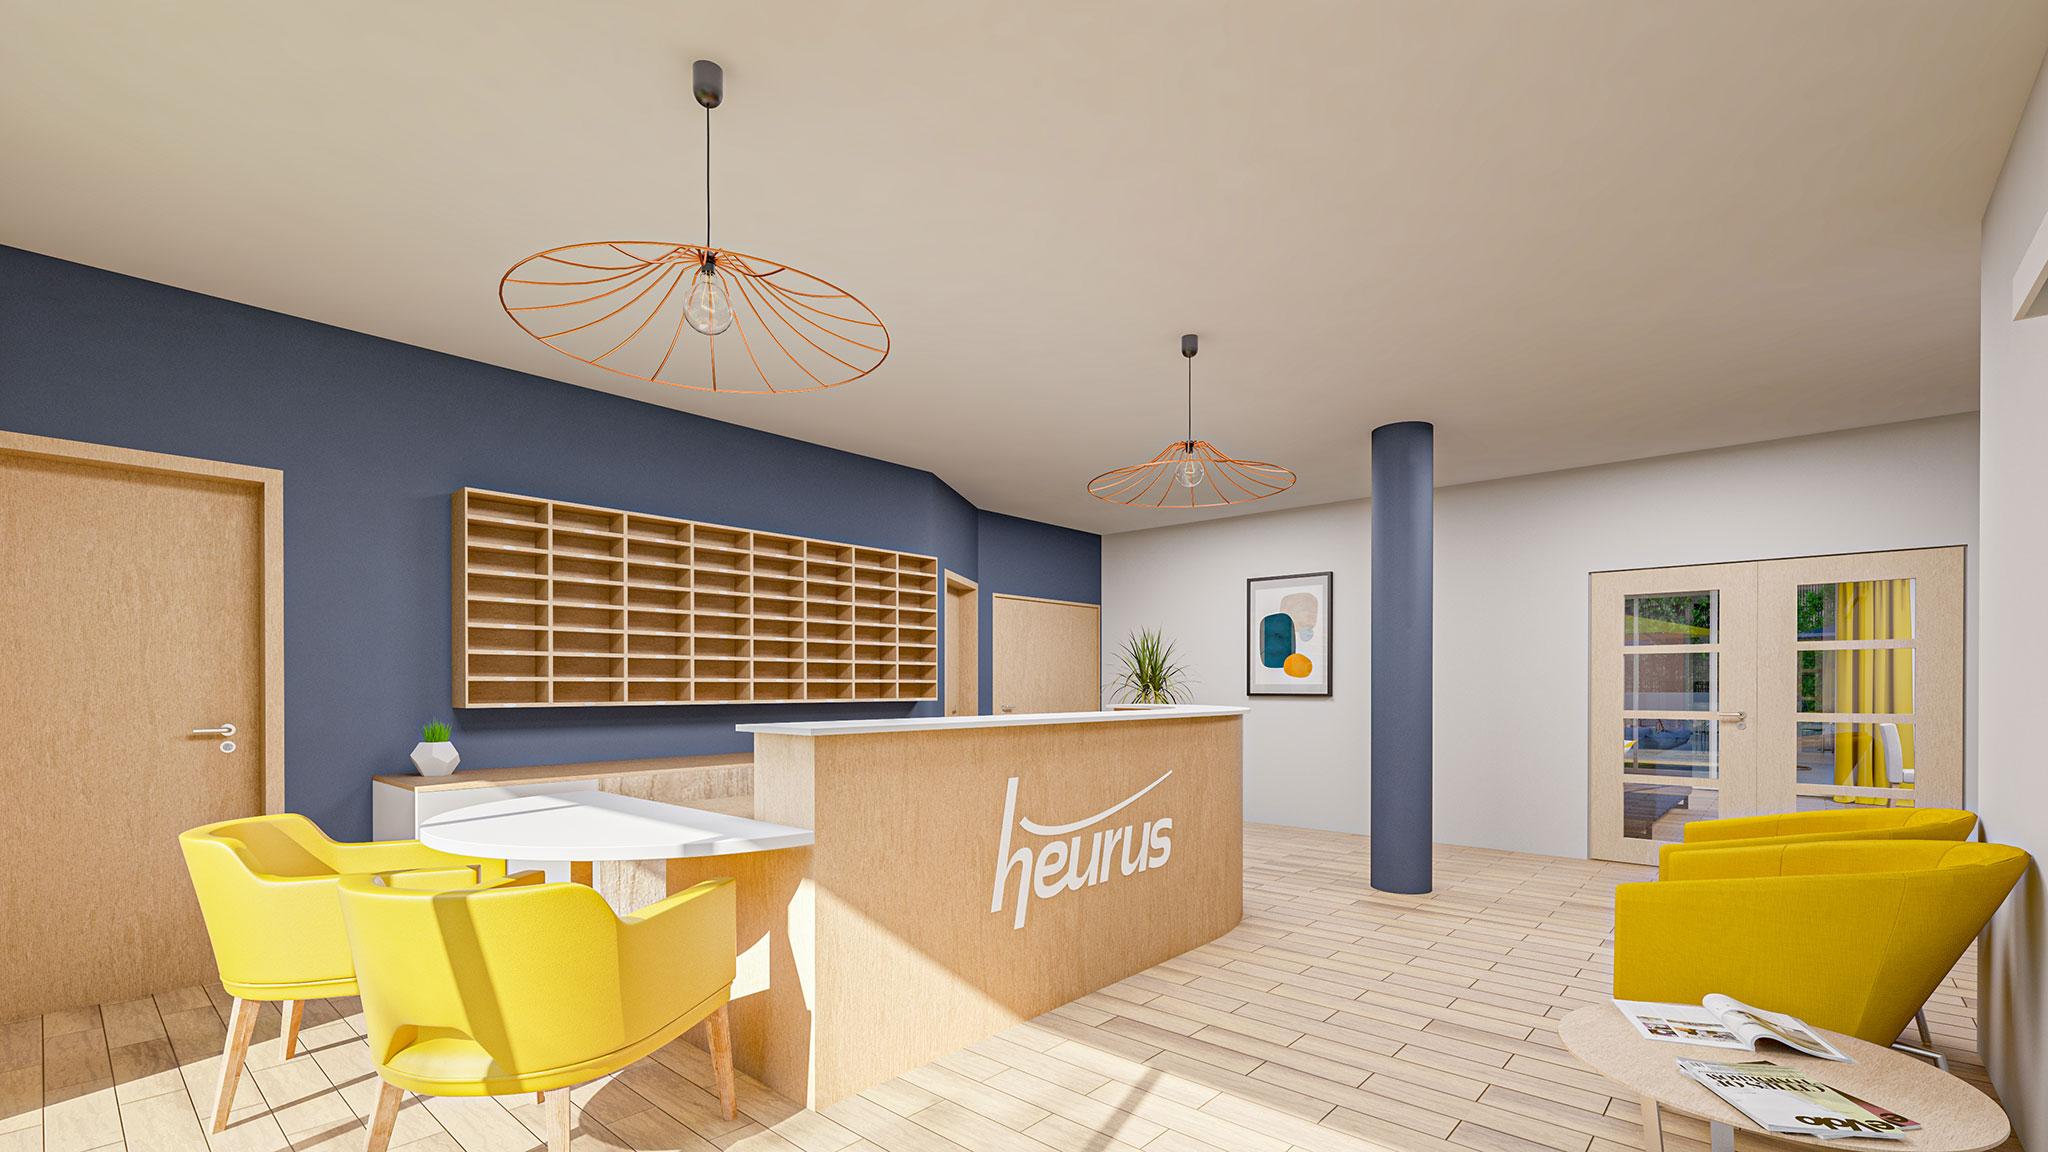 Les-Villes-Dorees_residence-services-senior-Heurus-vue-interieure_2